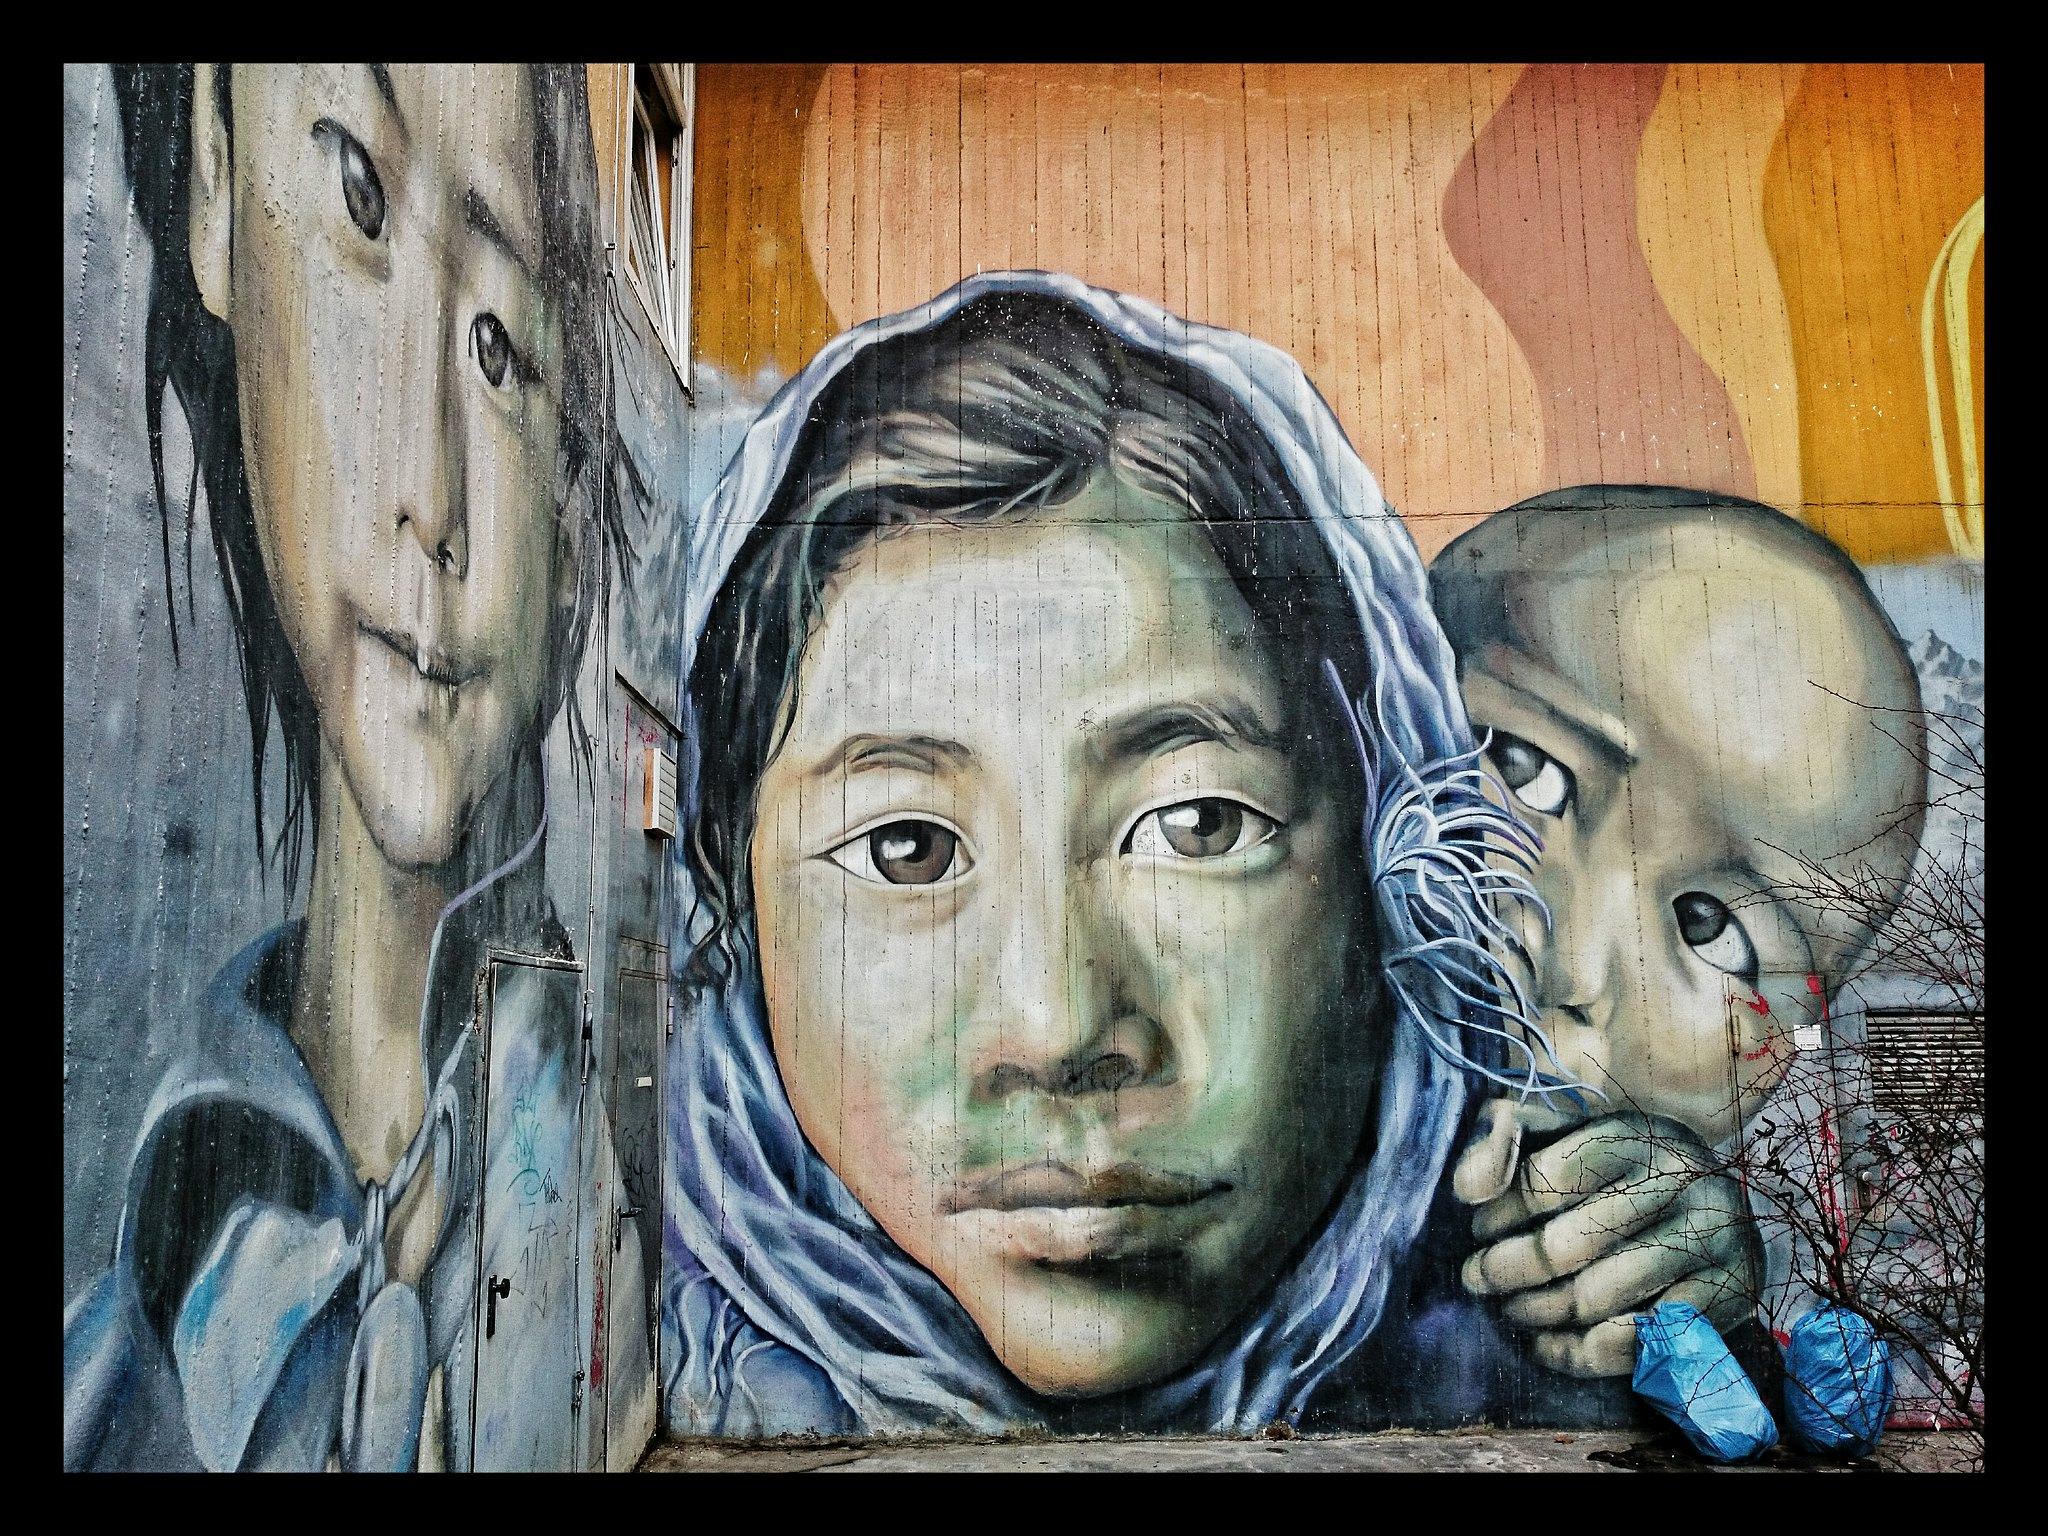 Berlin - Mural